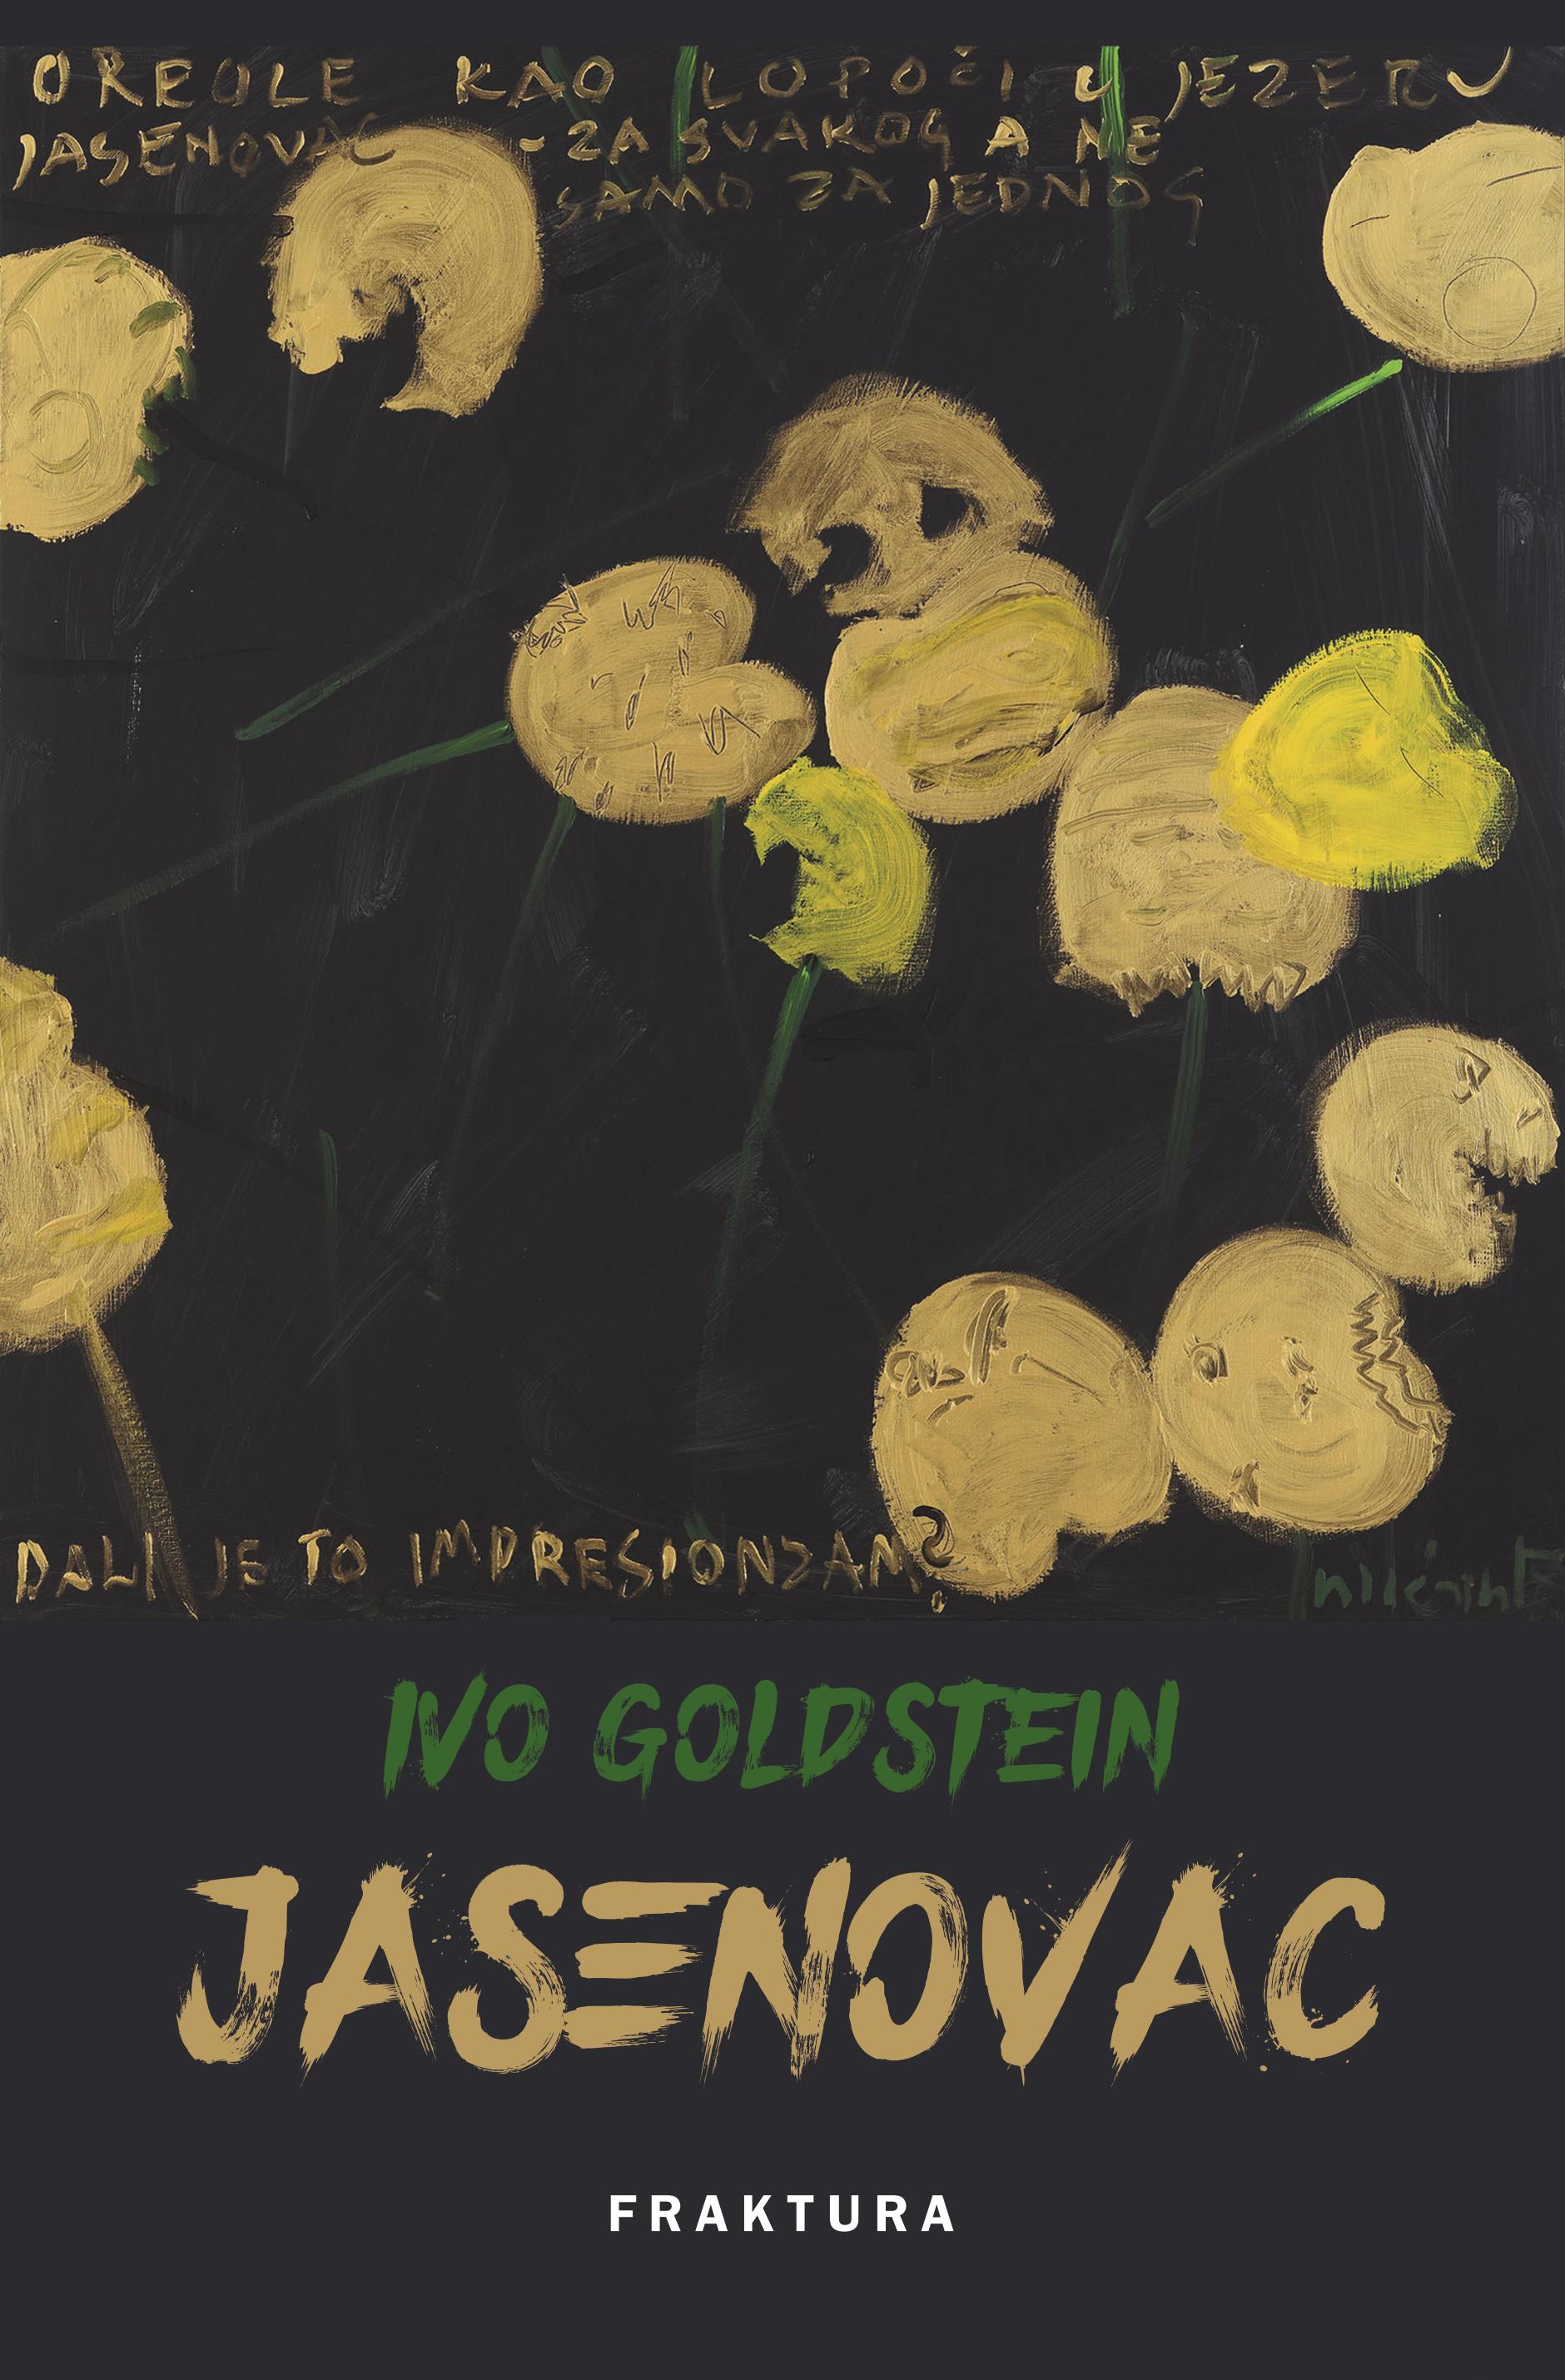 Predstavljanje knjige Ive Goldsteina u Rijeci